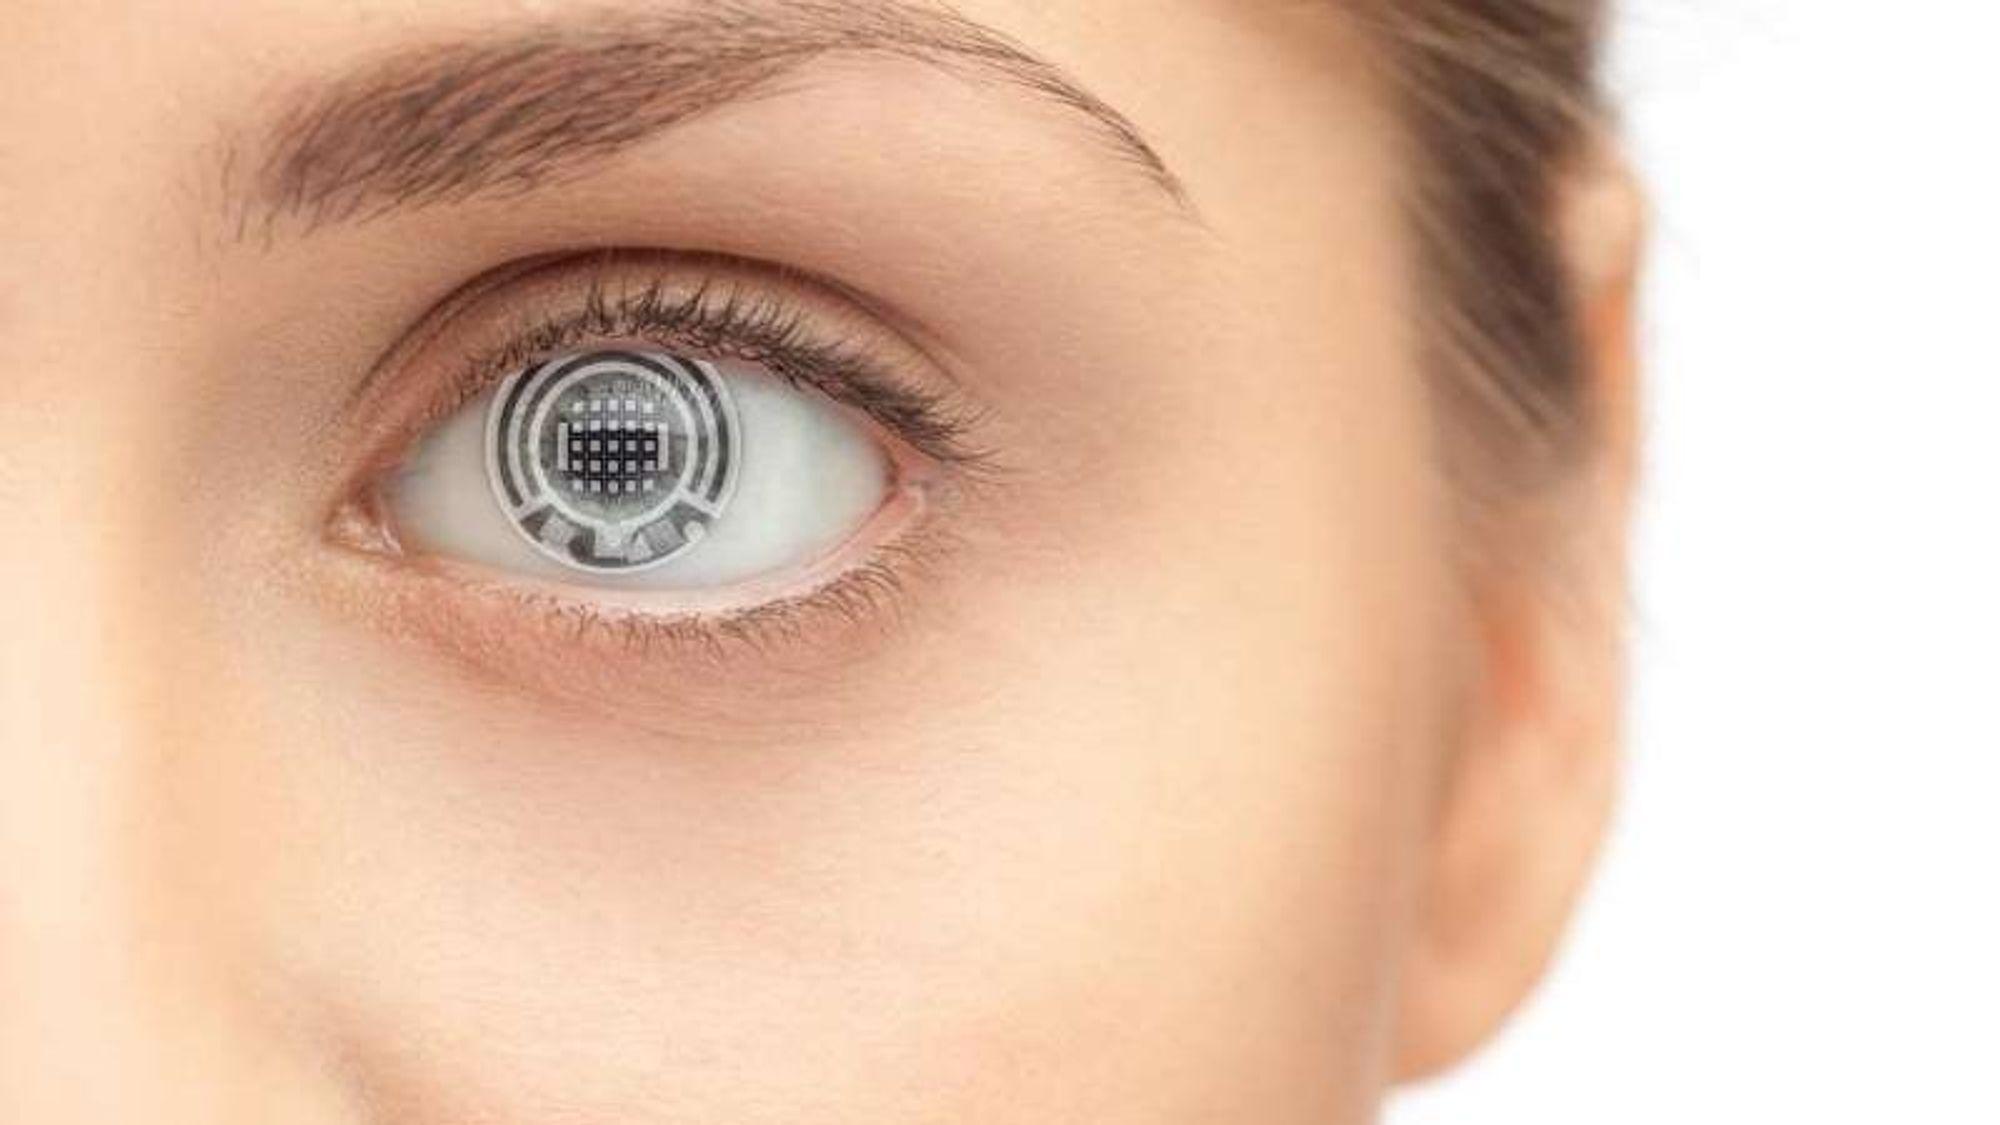 Det amerikanske forskerteamet bak biosensoren mener de kan få plass til 2.500 biosensorer inn i en kontaktlinse, som dermed kan overvåke forskjellige former for sykdommer.